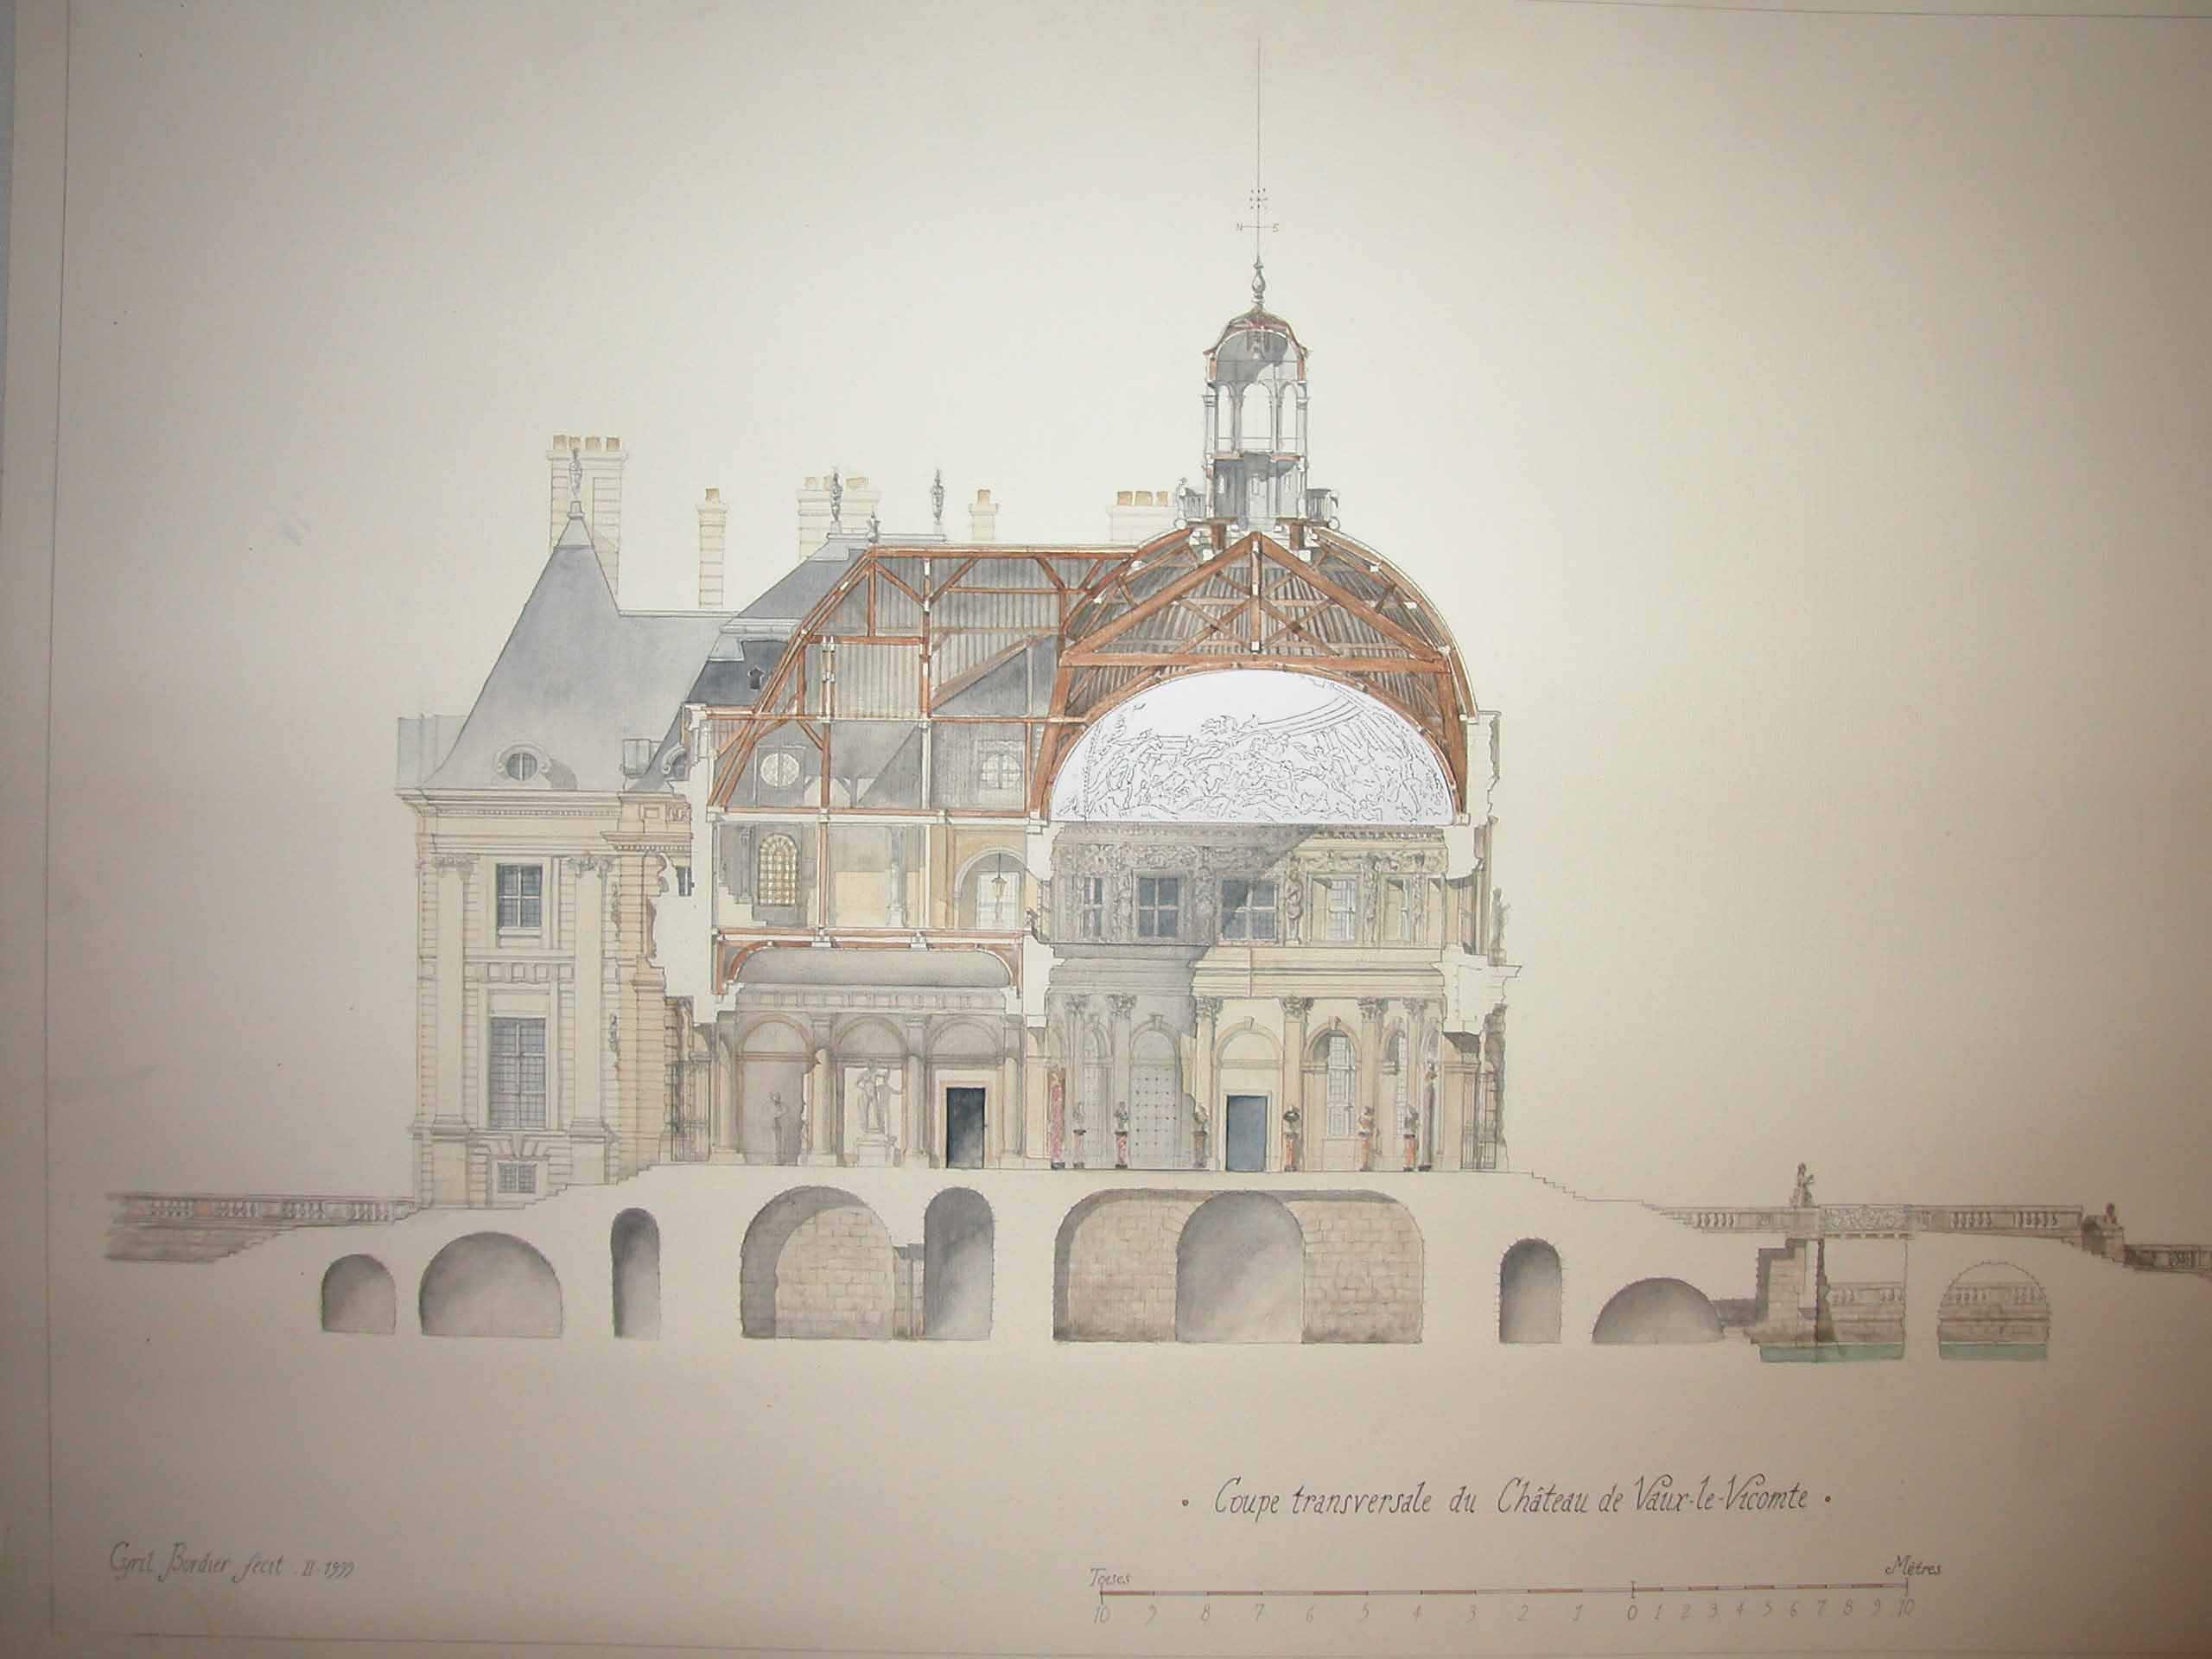 Dessin en coupe du Château de Vaux-le-Vicomte par Cyril Bordier